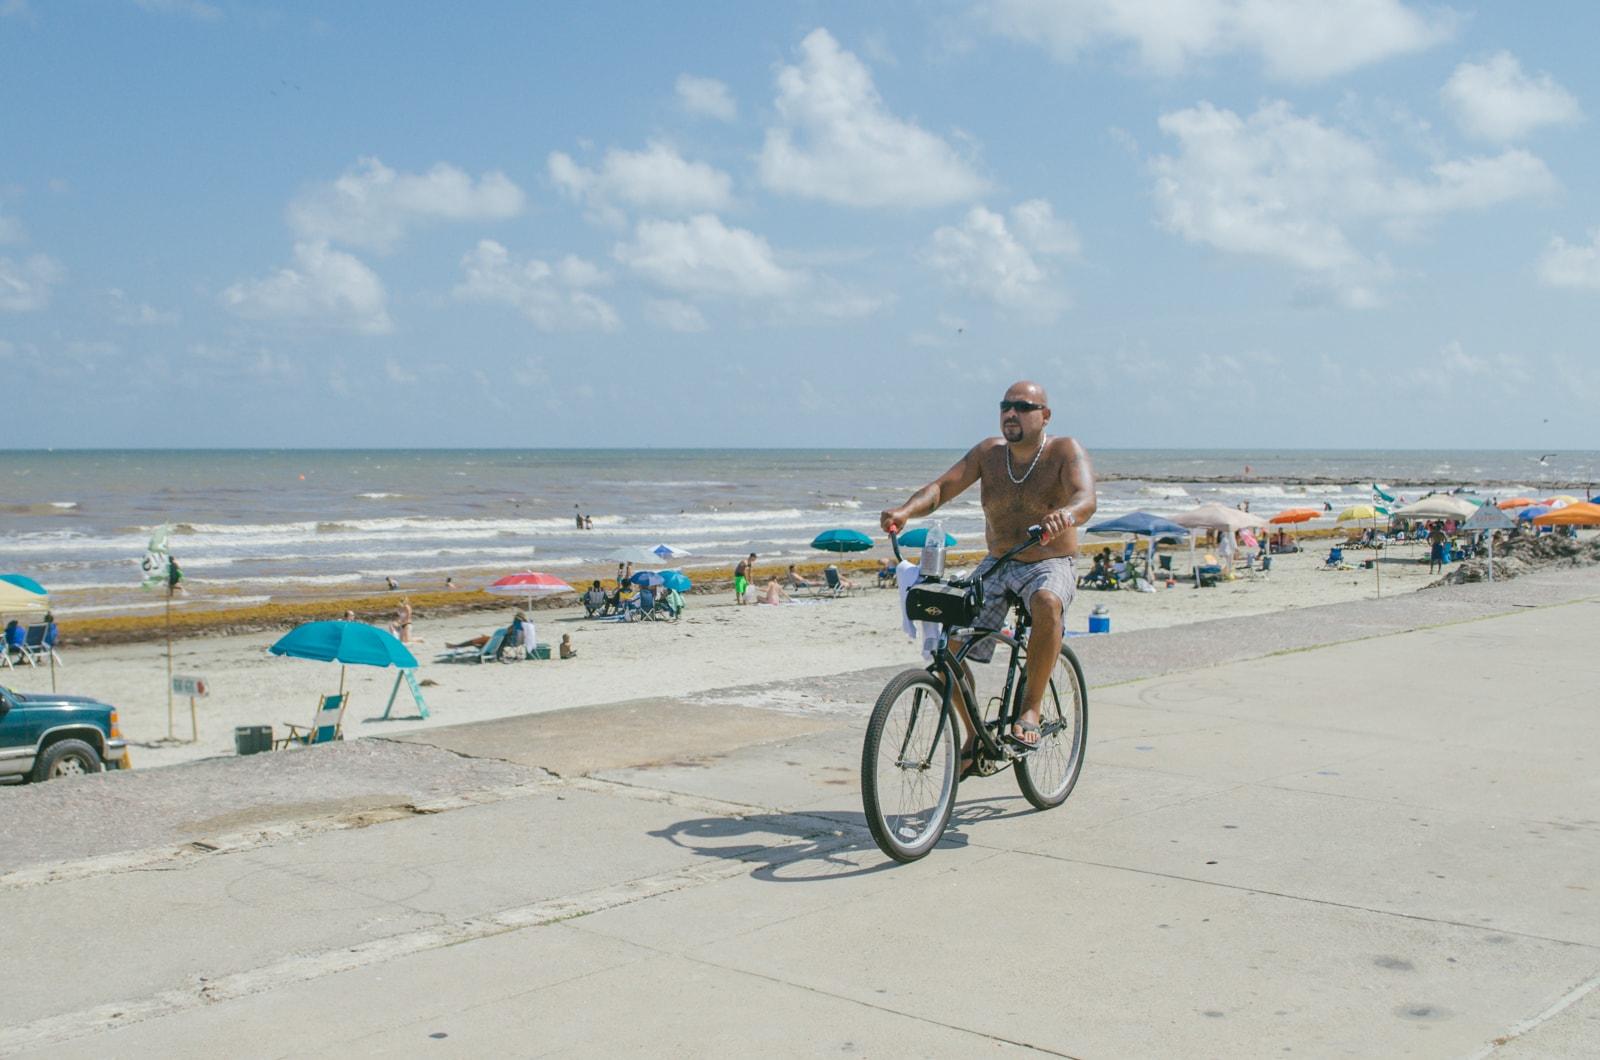 A man riding his bike on the beach